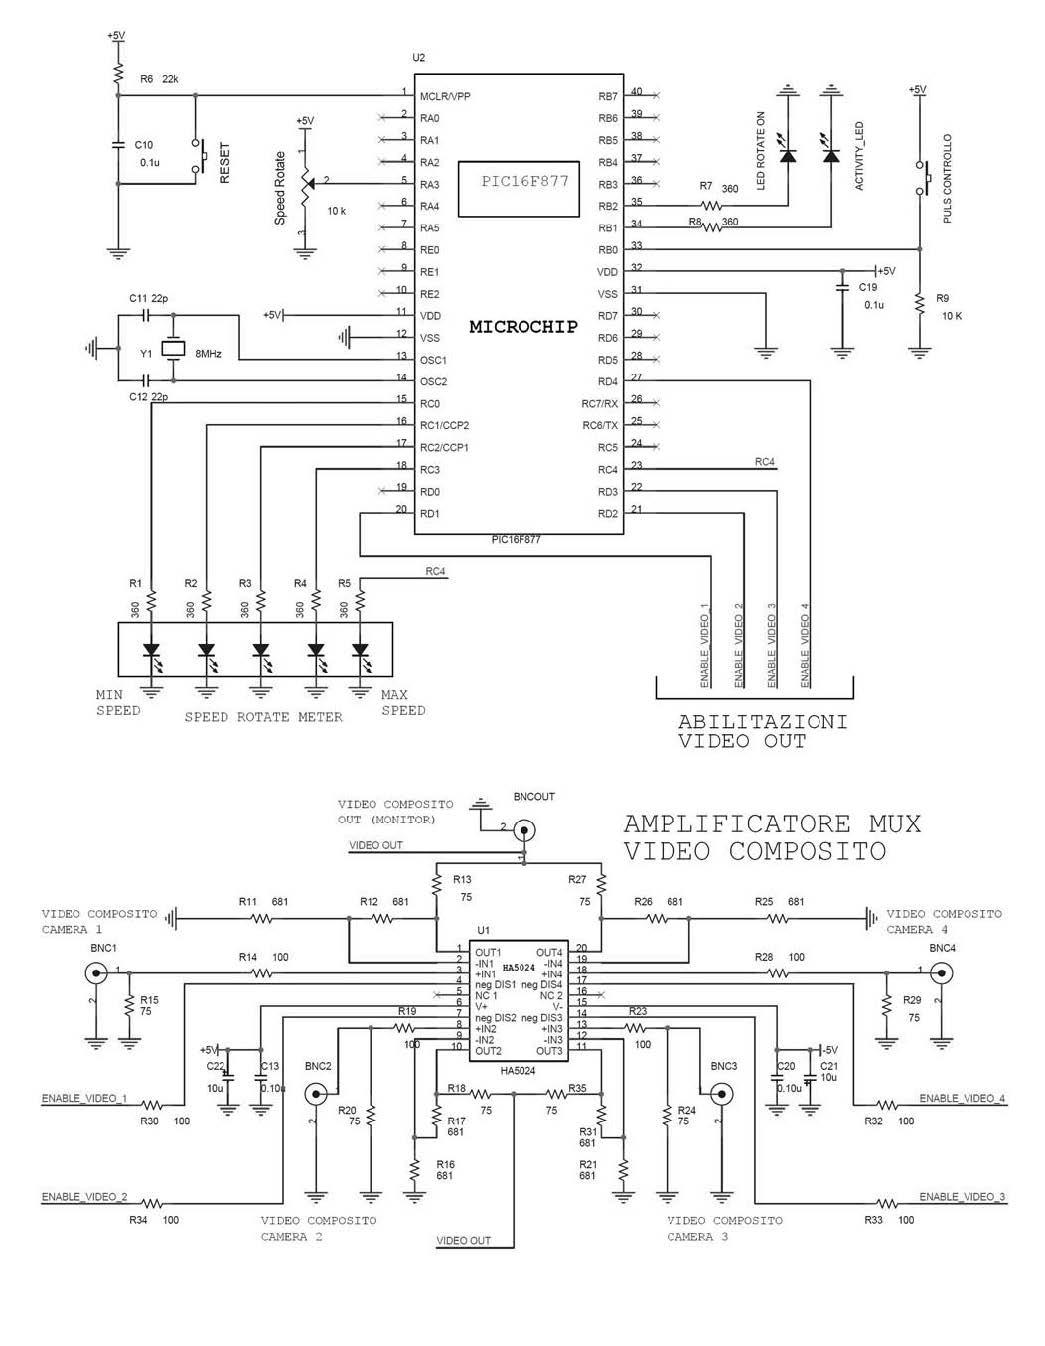 Figura 2: schema elettrico del Multiplexer Video-composito. La funzione di multiplexer è ottenuta attraverso l'integrato video HA5024 pilotato dal controllore.